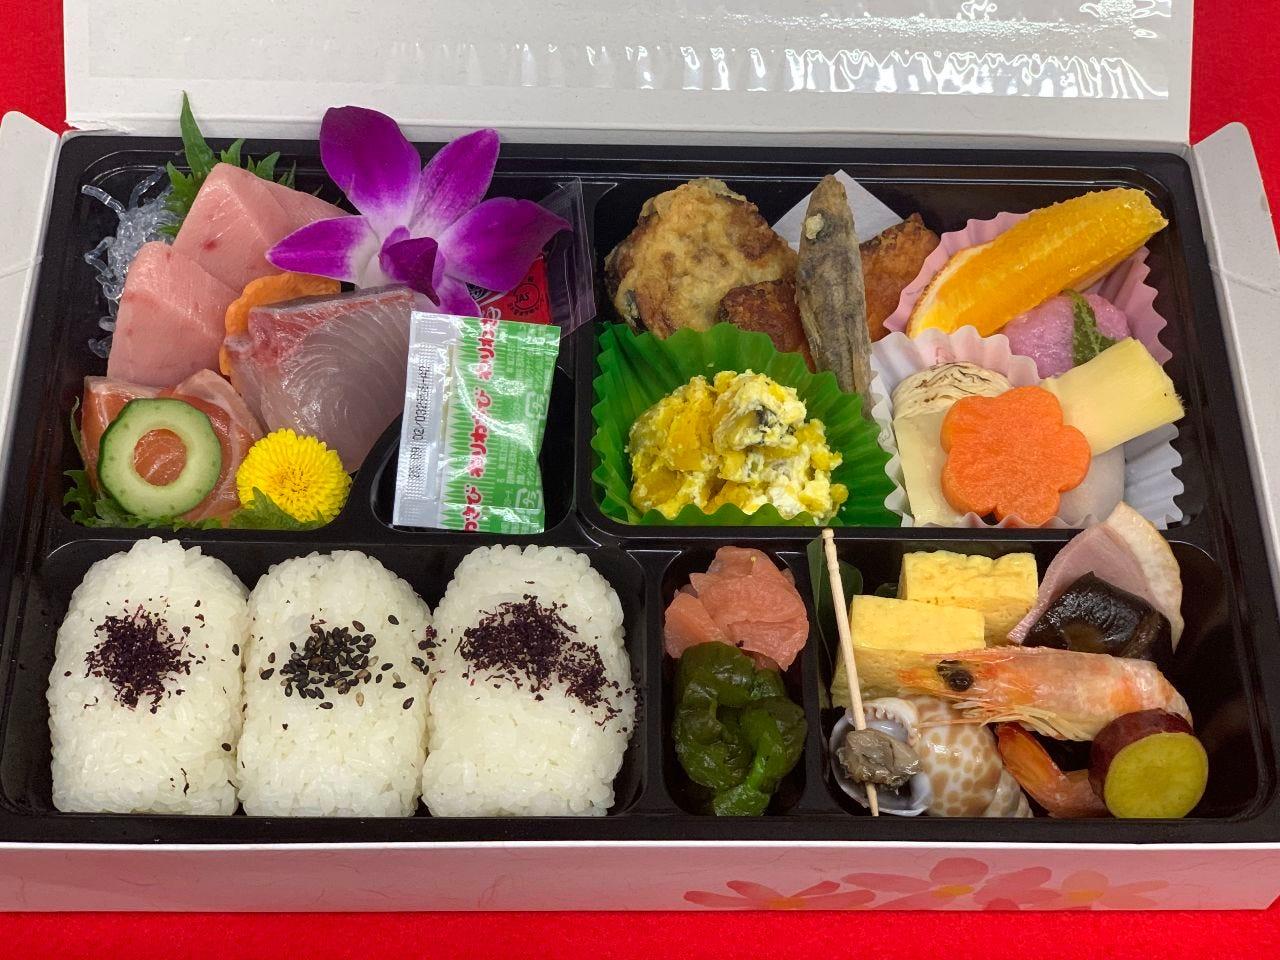 彩りを味わう和食の定番 松花堂弁当!人気です